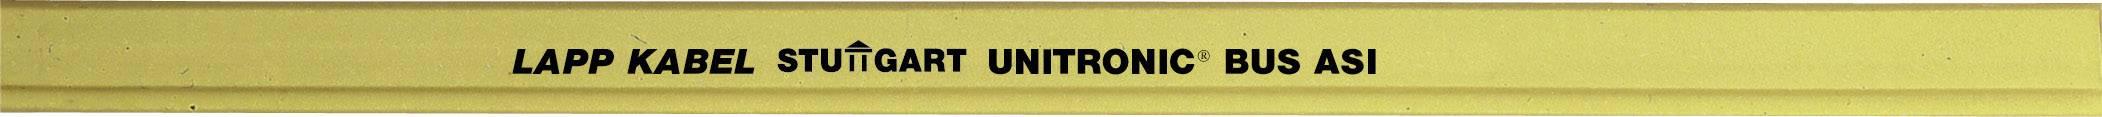 Sběrnicový kabel LappKabel UNITRONIC® BUS 2170842, žlutá, 100 m